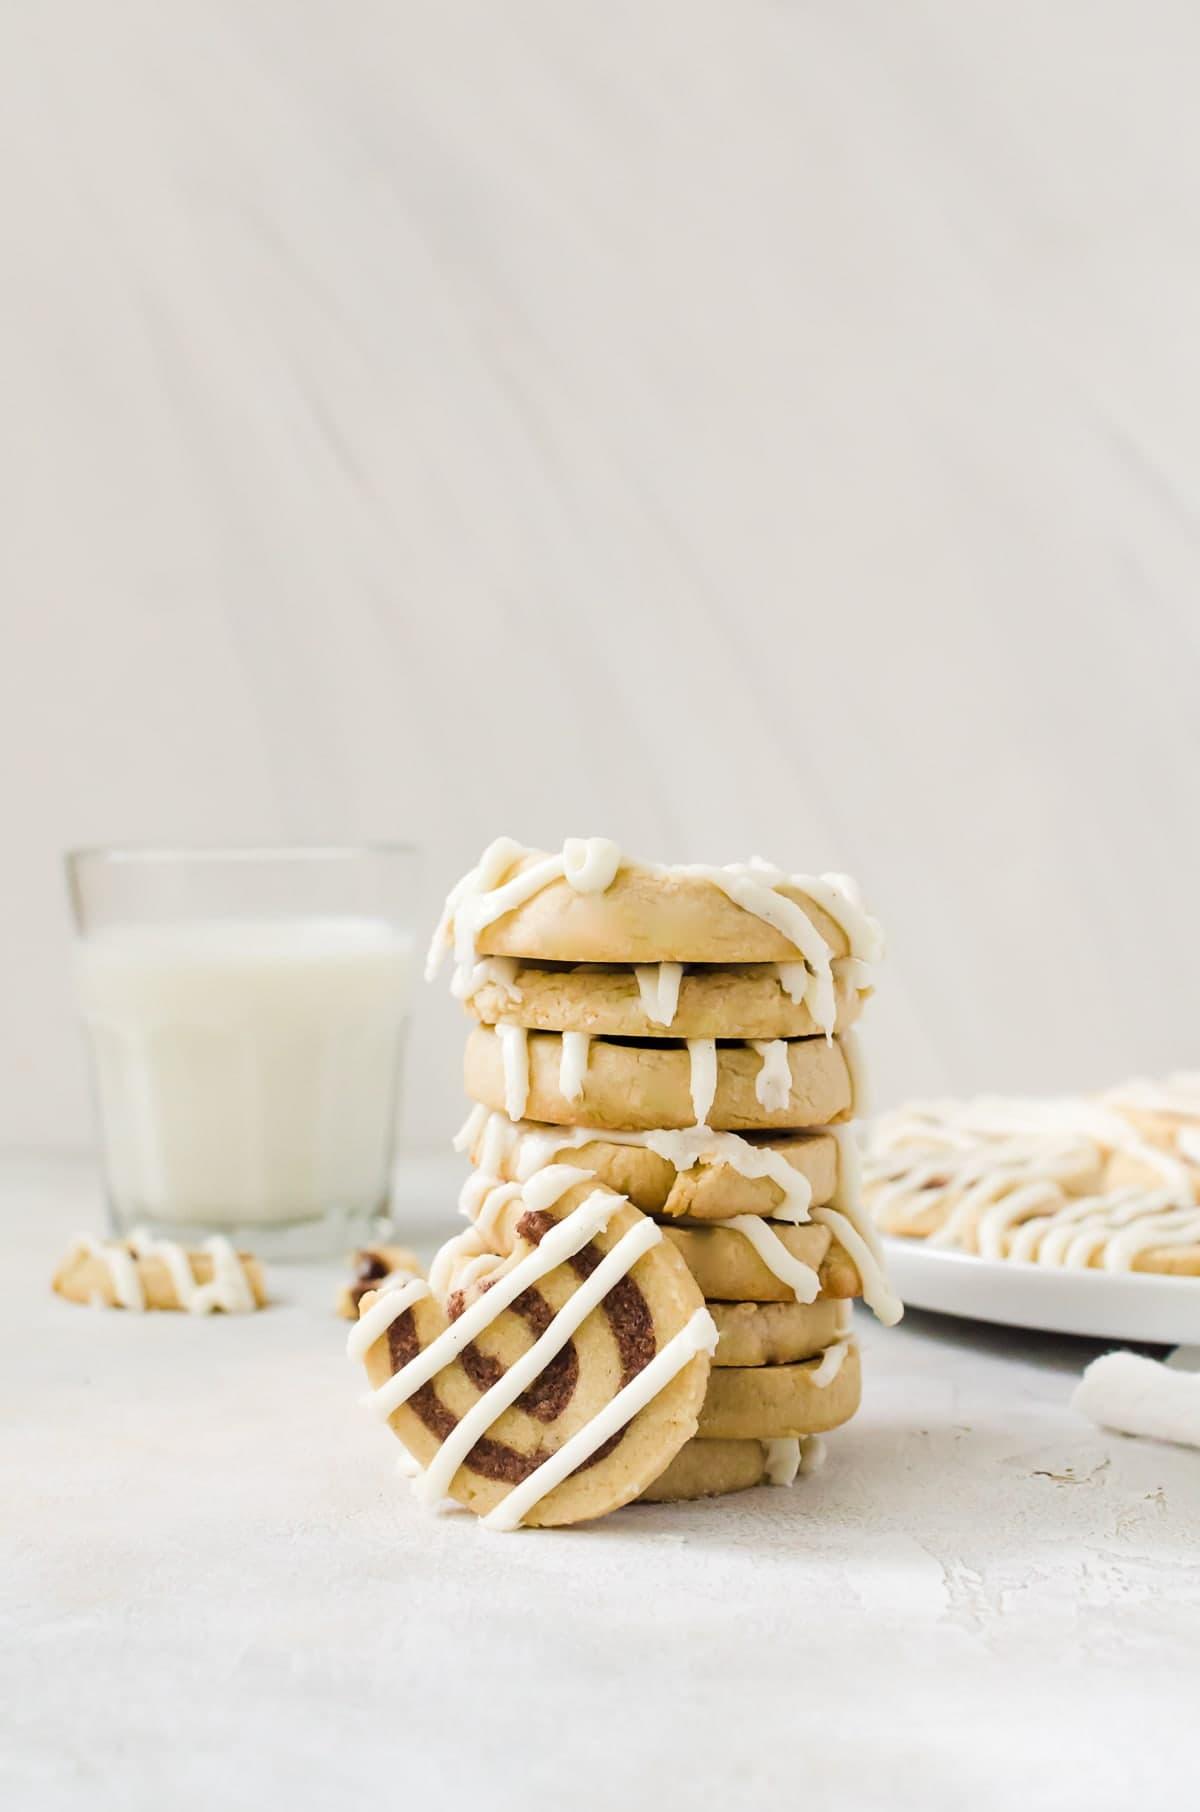 These cinnamon roll cookies taste just like your favorite breakfast item.